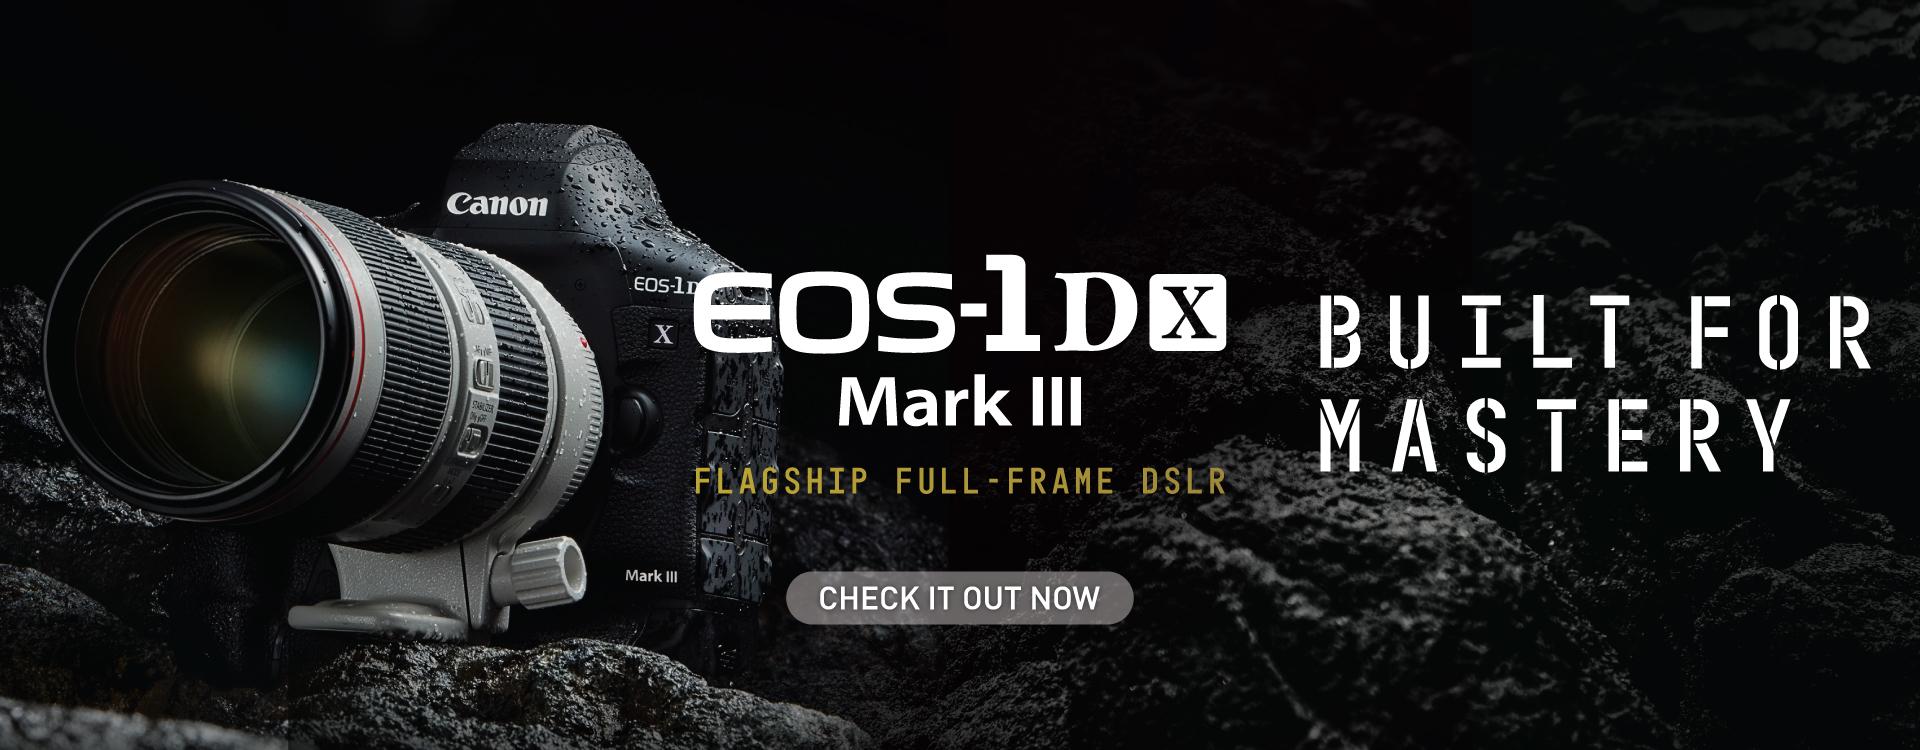 EOS 1D X Mark III product shot